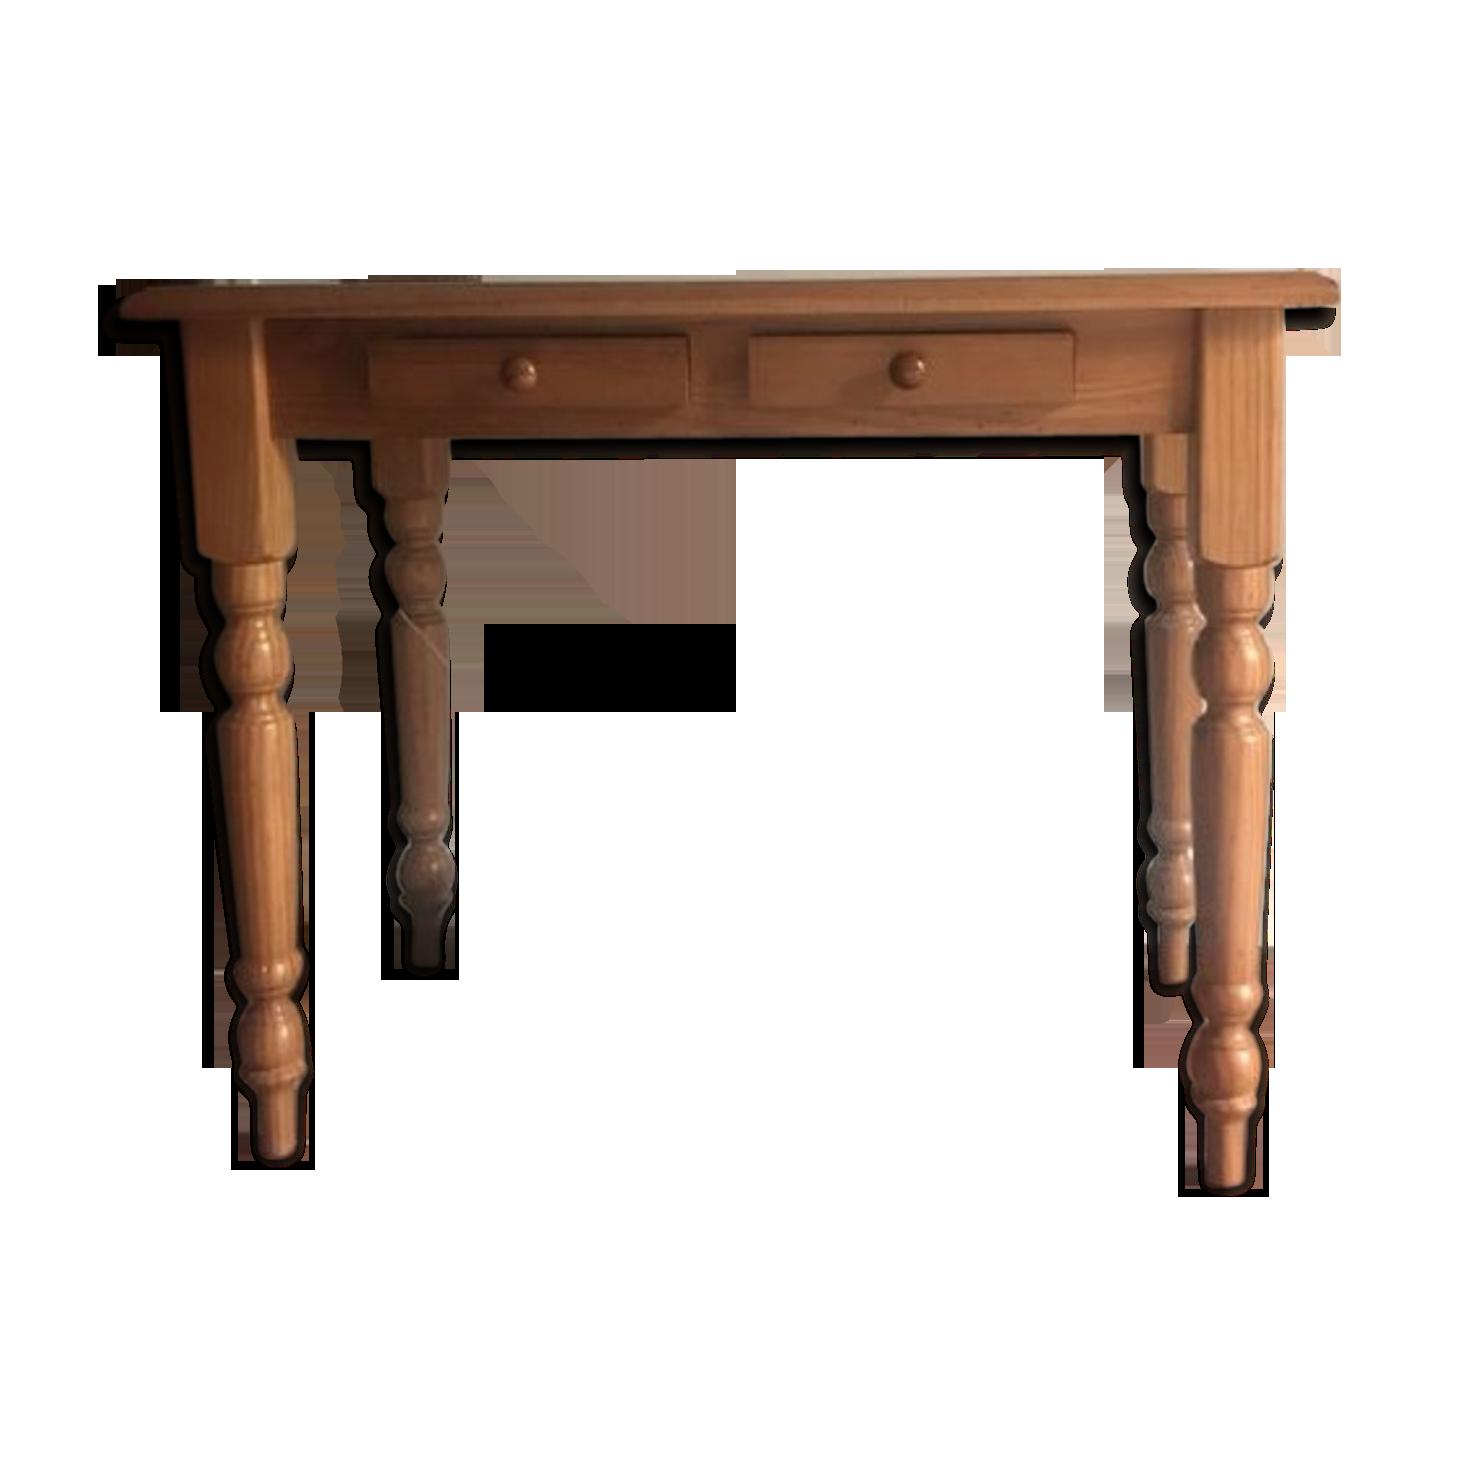 Bureau en bois vernis bois matériau bois couleur